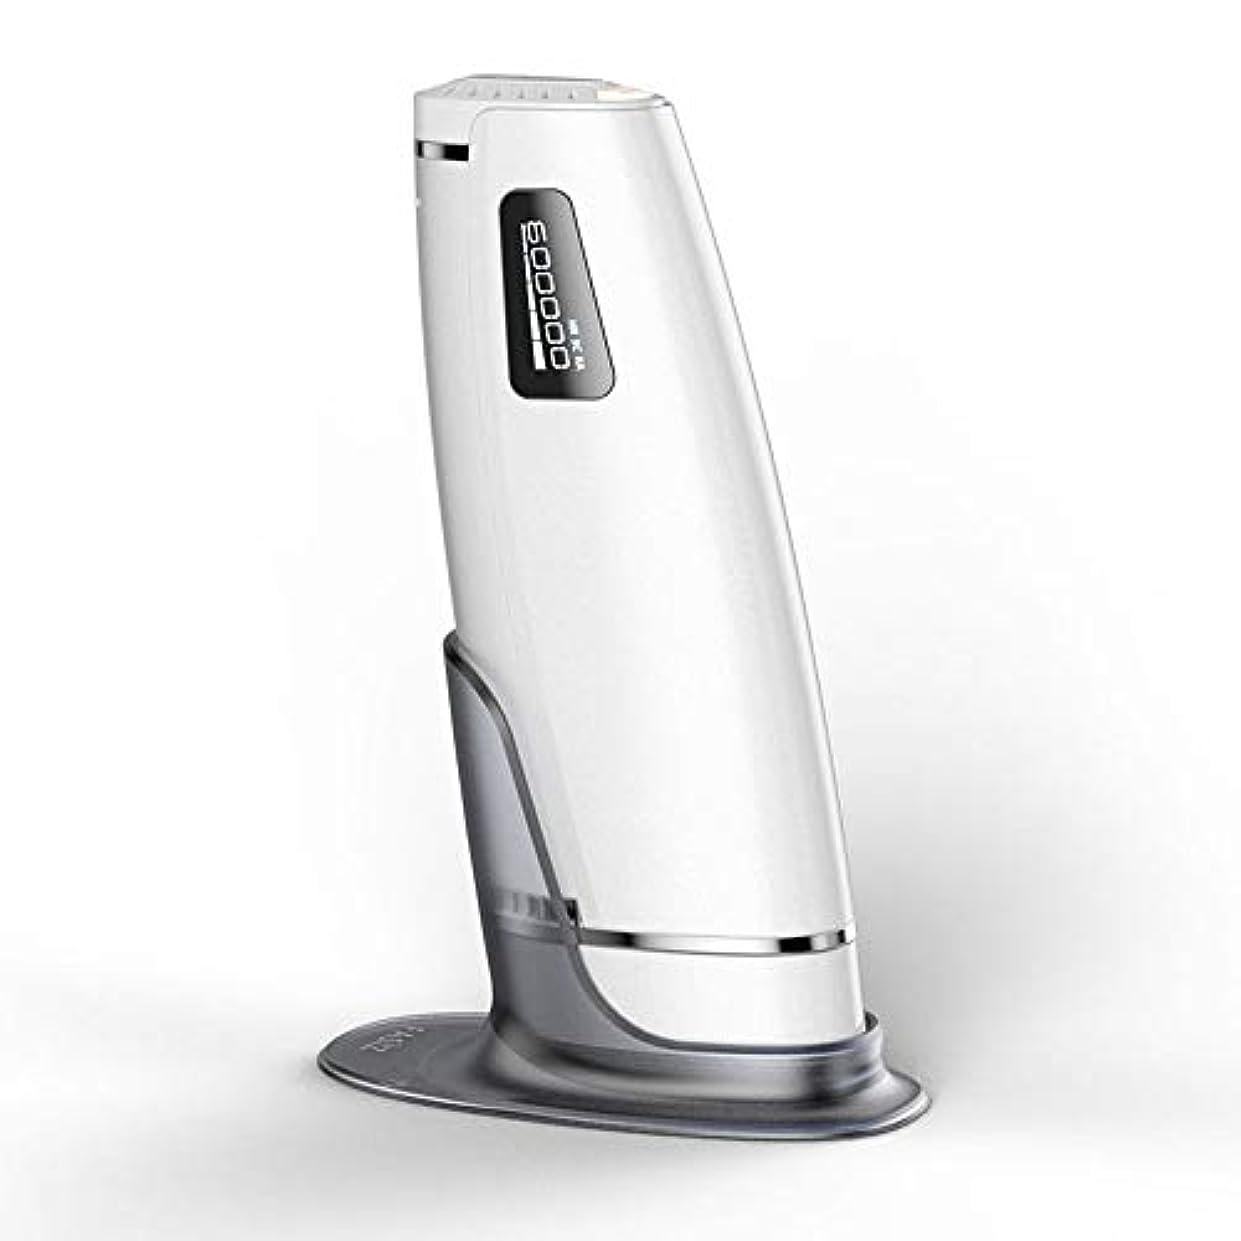 前売ウィザードバーター家庭用自動痛みのない毛の除去剤、白、携帯用永久的な毛の除去剤、二重モード、5つの速度調節、サイズ20.5 X 4.5 X 7 Cm 安全性